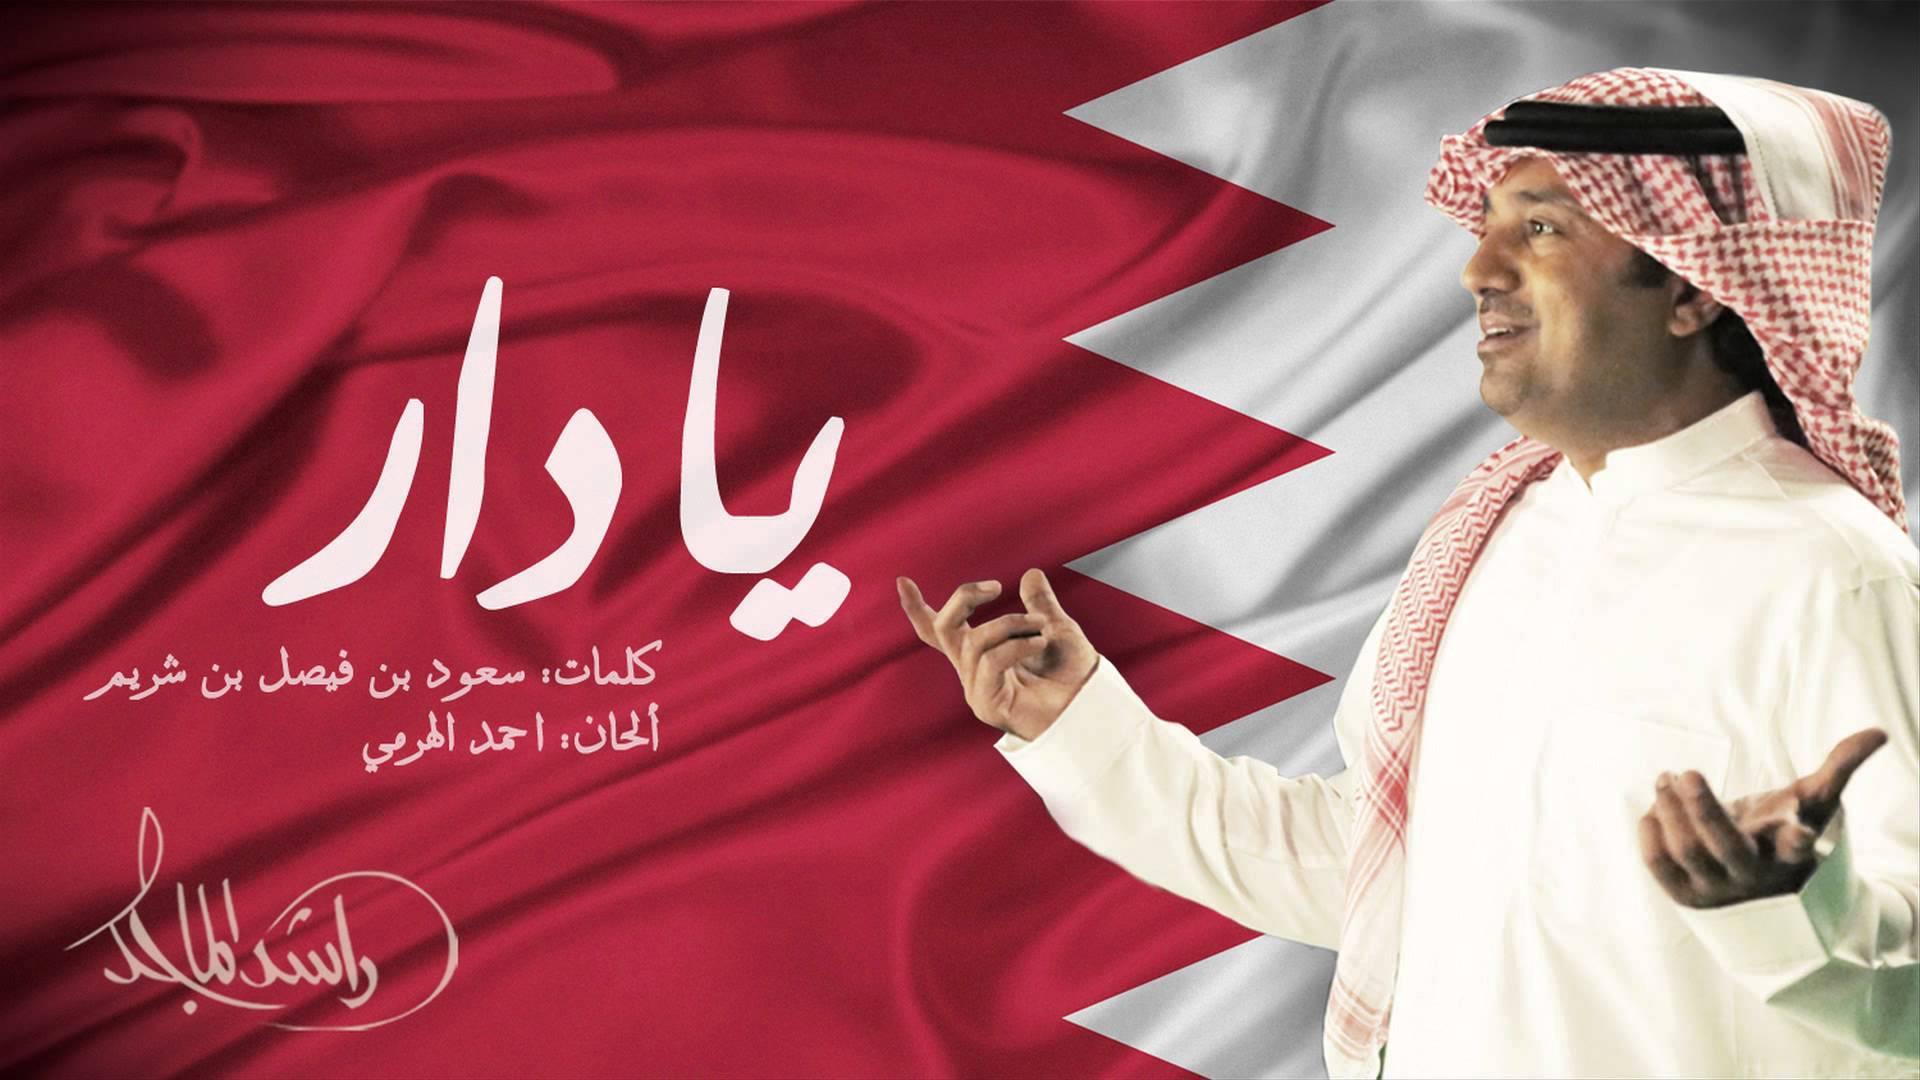 يوتيوب تحميل اغنية يا دار راشد الماجد 2015 Mp3